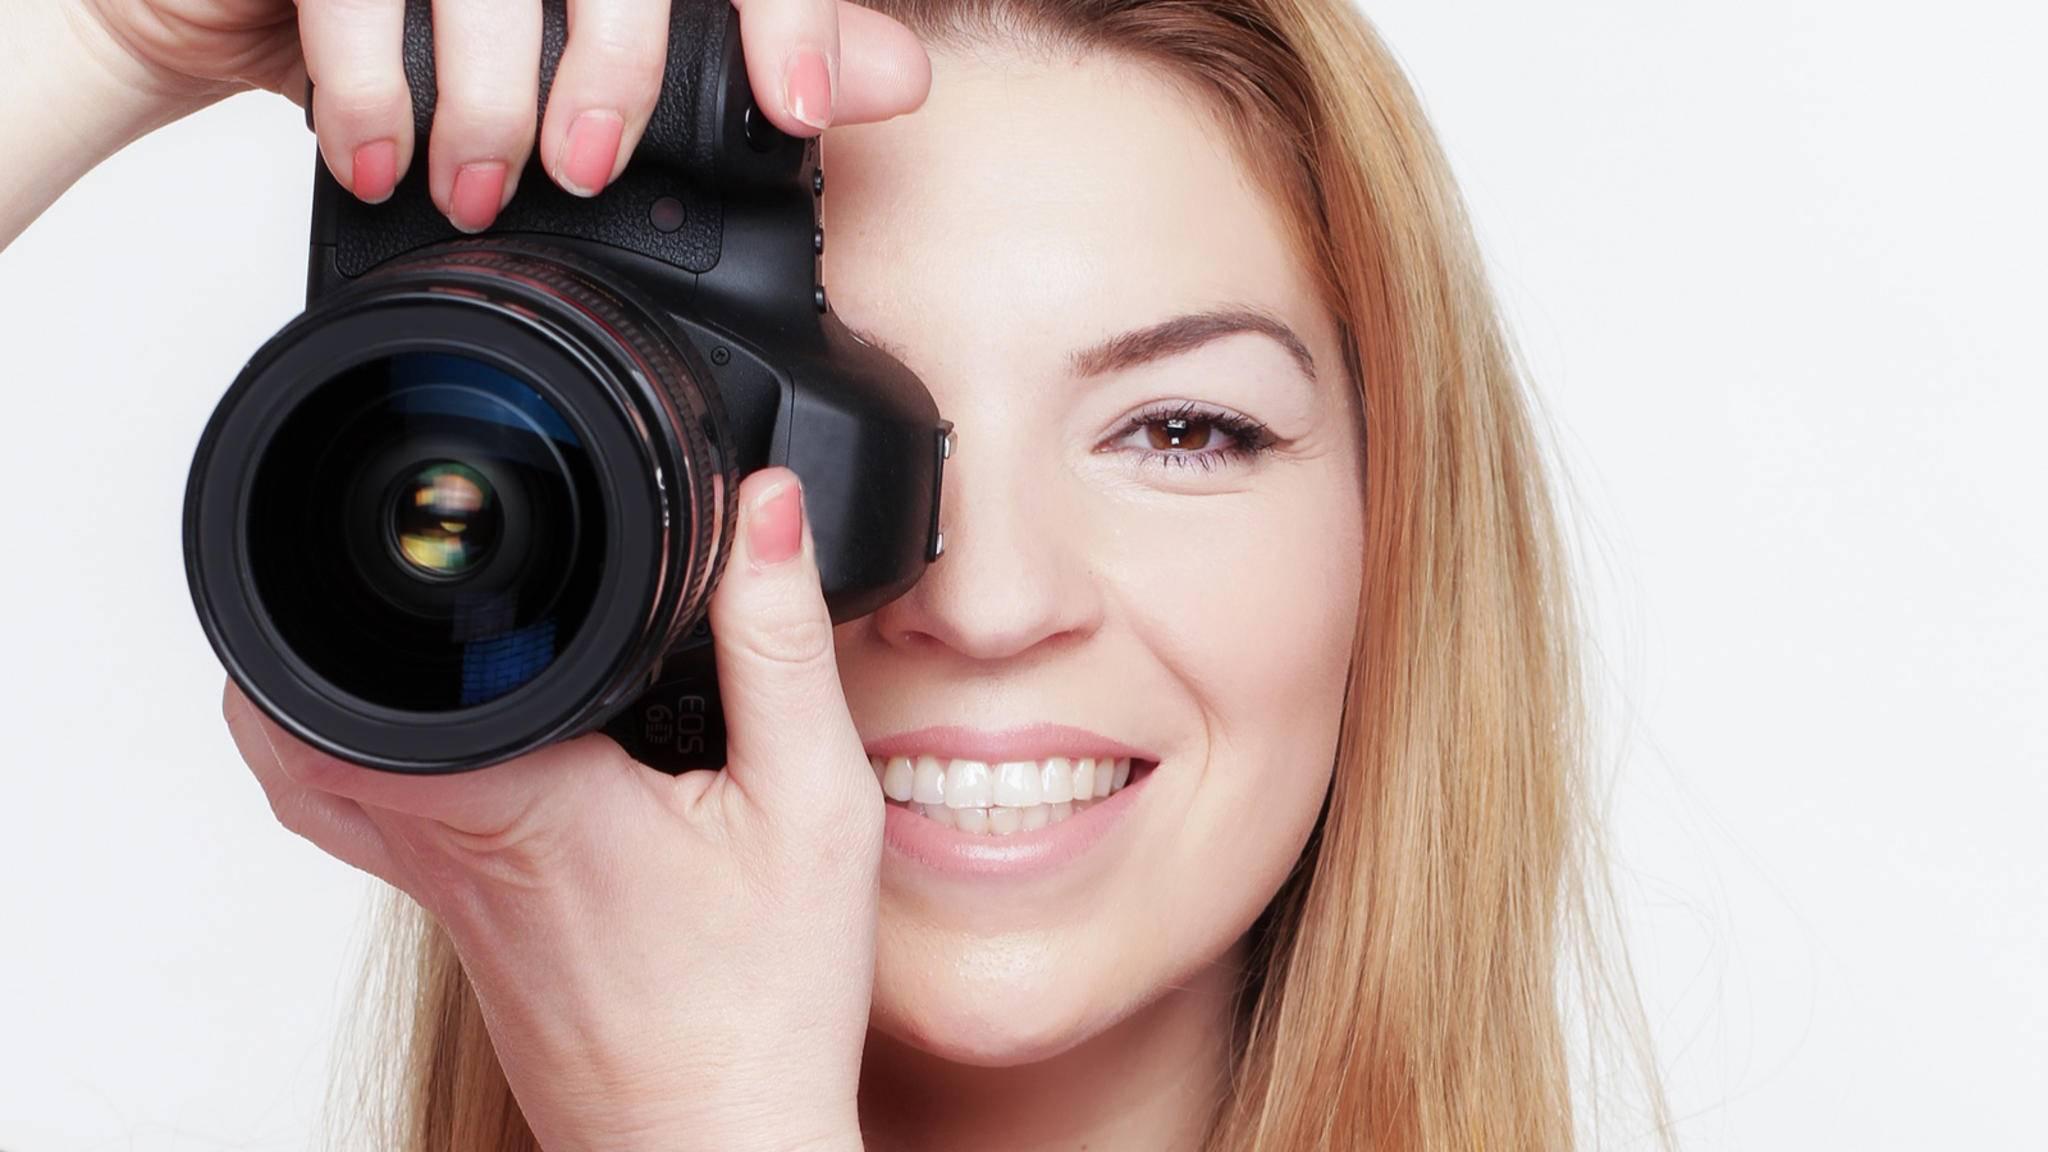 Auch ohne aufwendige Ausrüstung kannst Du richtig gute Fotos machen.